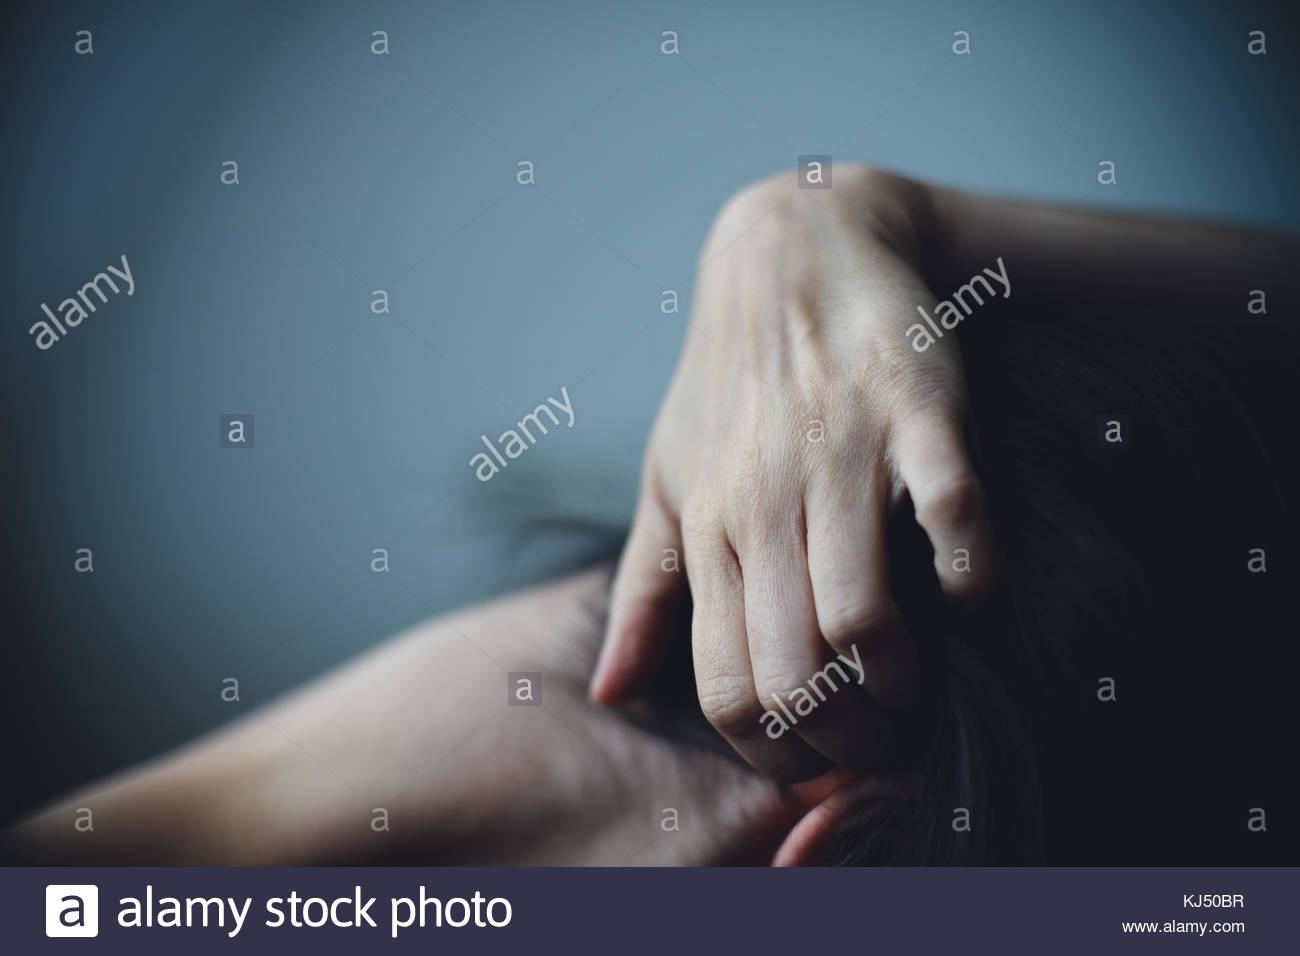 Le grattage à la main la peau de femme Photo Stock